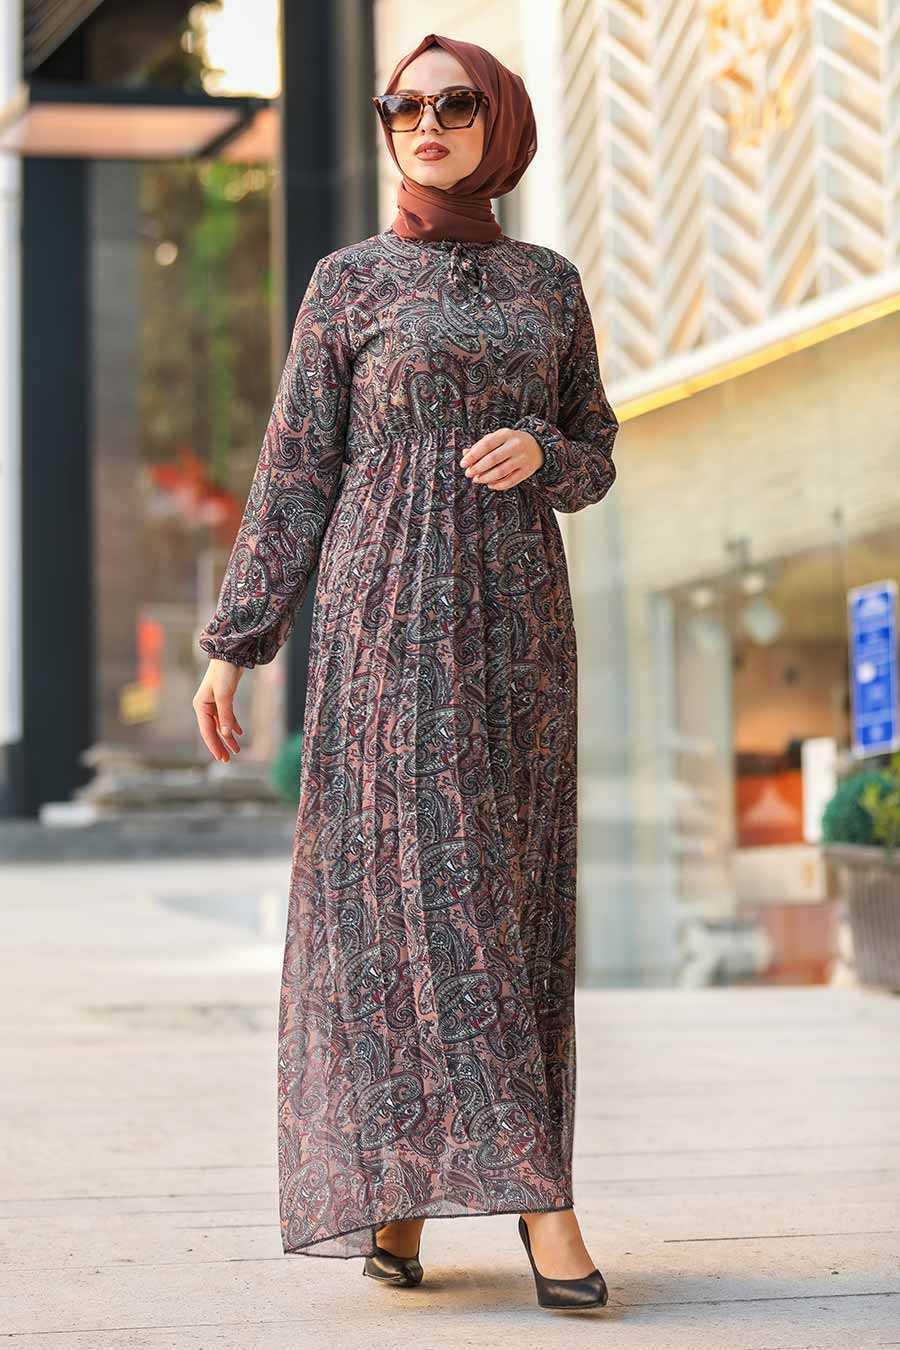 Neva Style Tesettür Desenli Şifon Elbise Modelleri